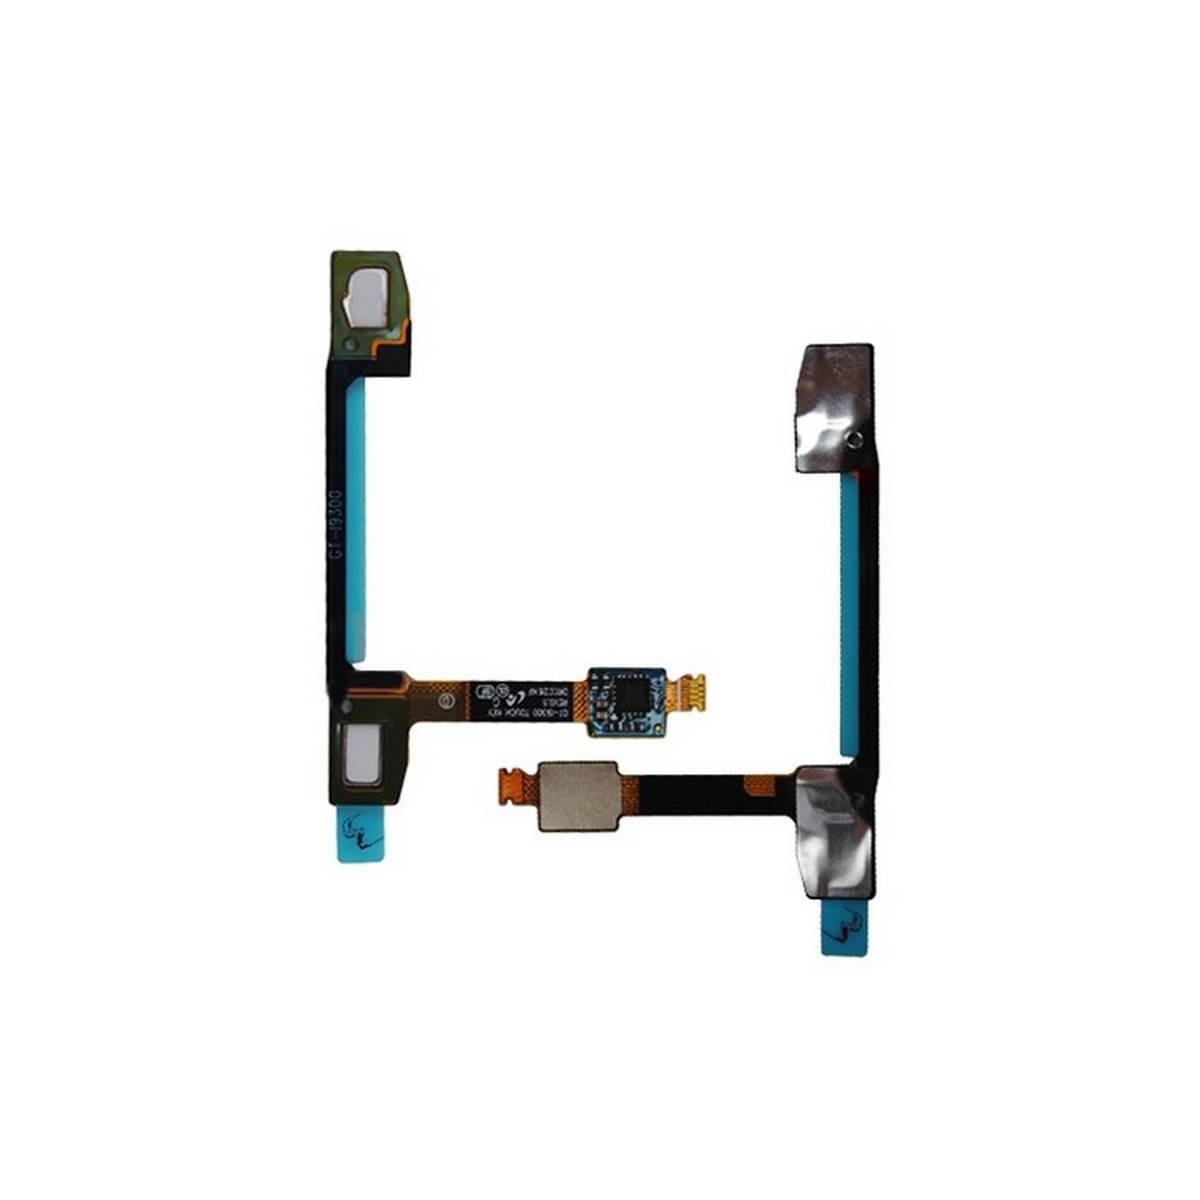 Cabo flex com membrana de teclado para Samsung Galaxy S3, i9300